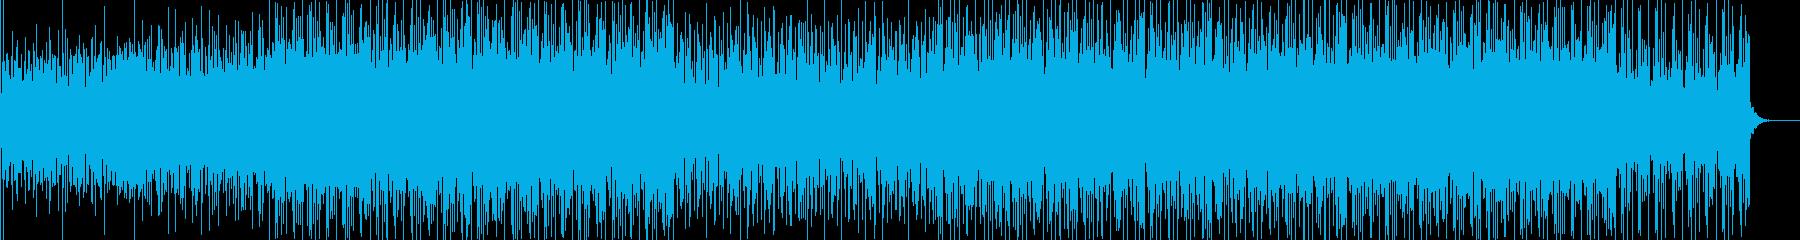 疾走感あふれる中に強い意志を感じるBGMの再生済みの波形